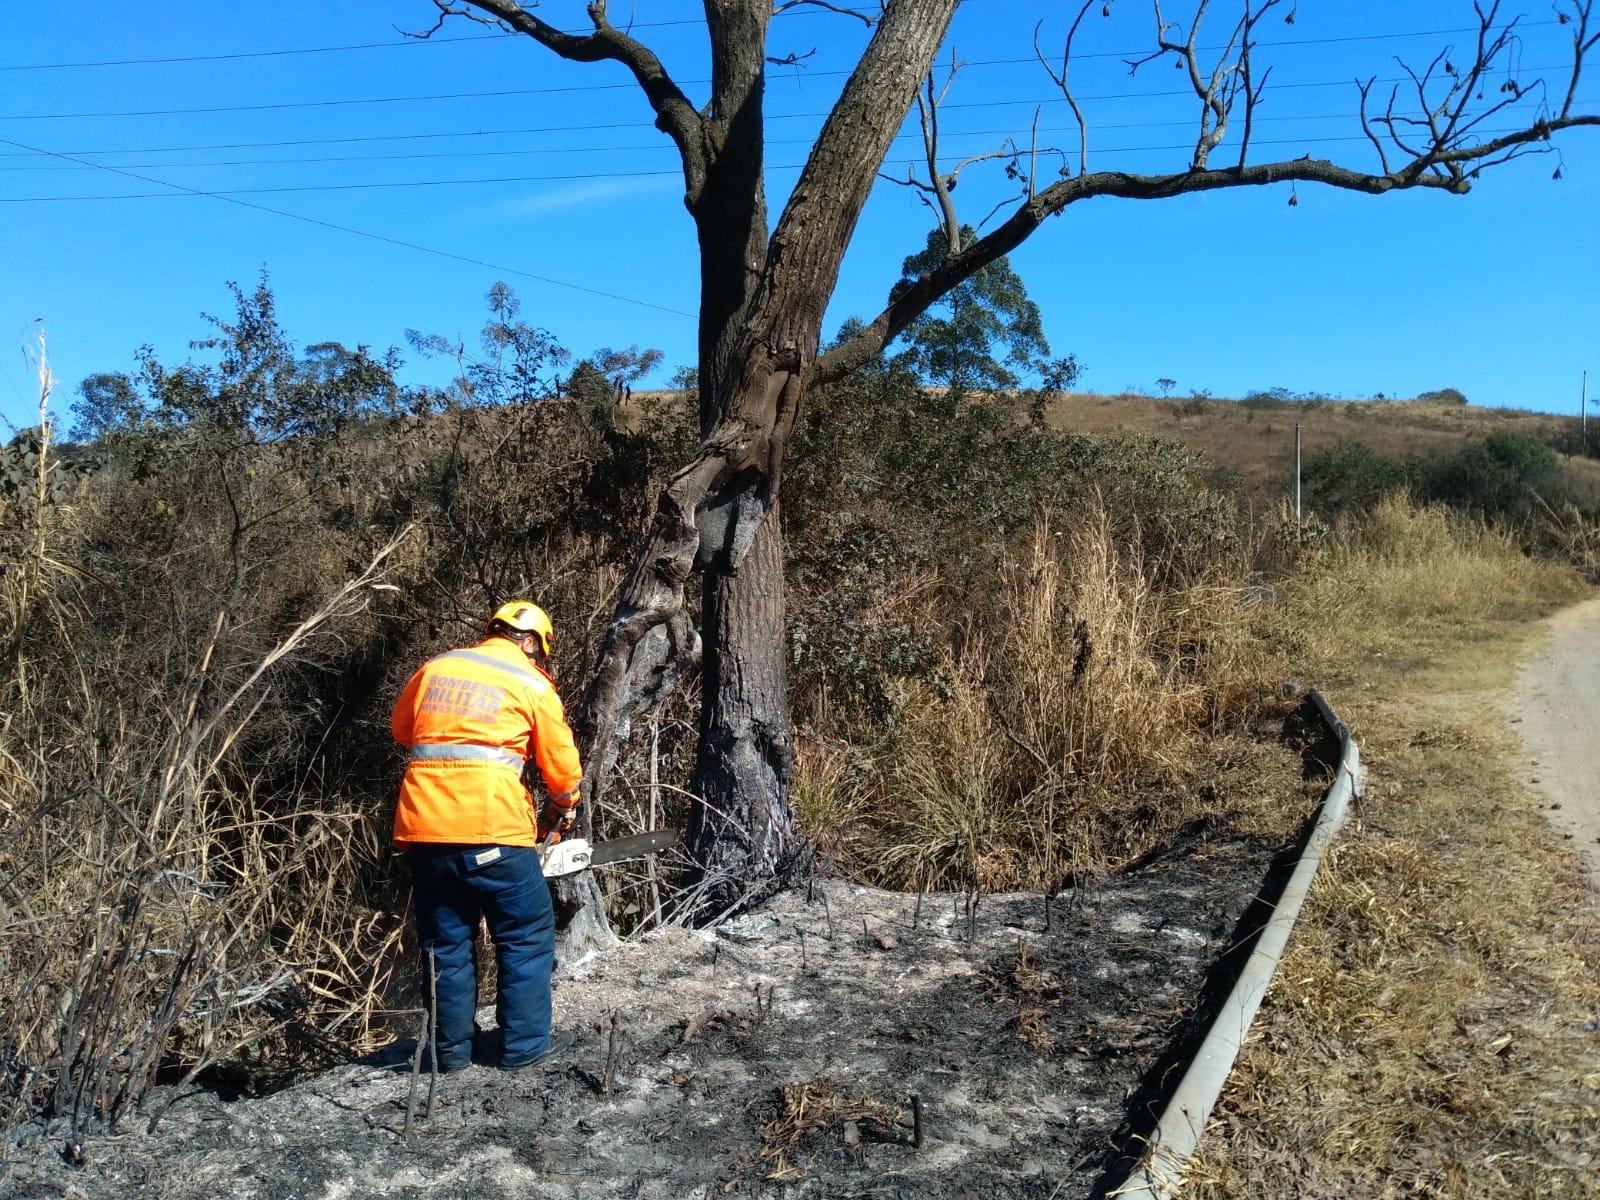 Queimada atinge árvore e coloca em risco segurança em rodovia